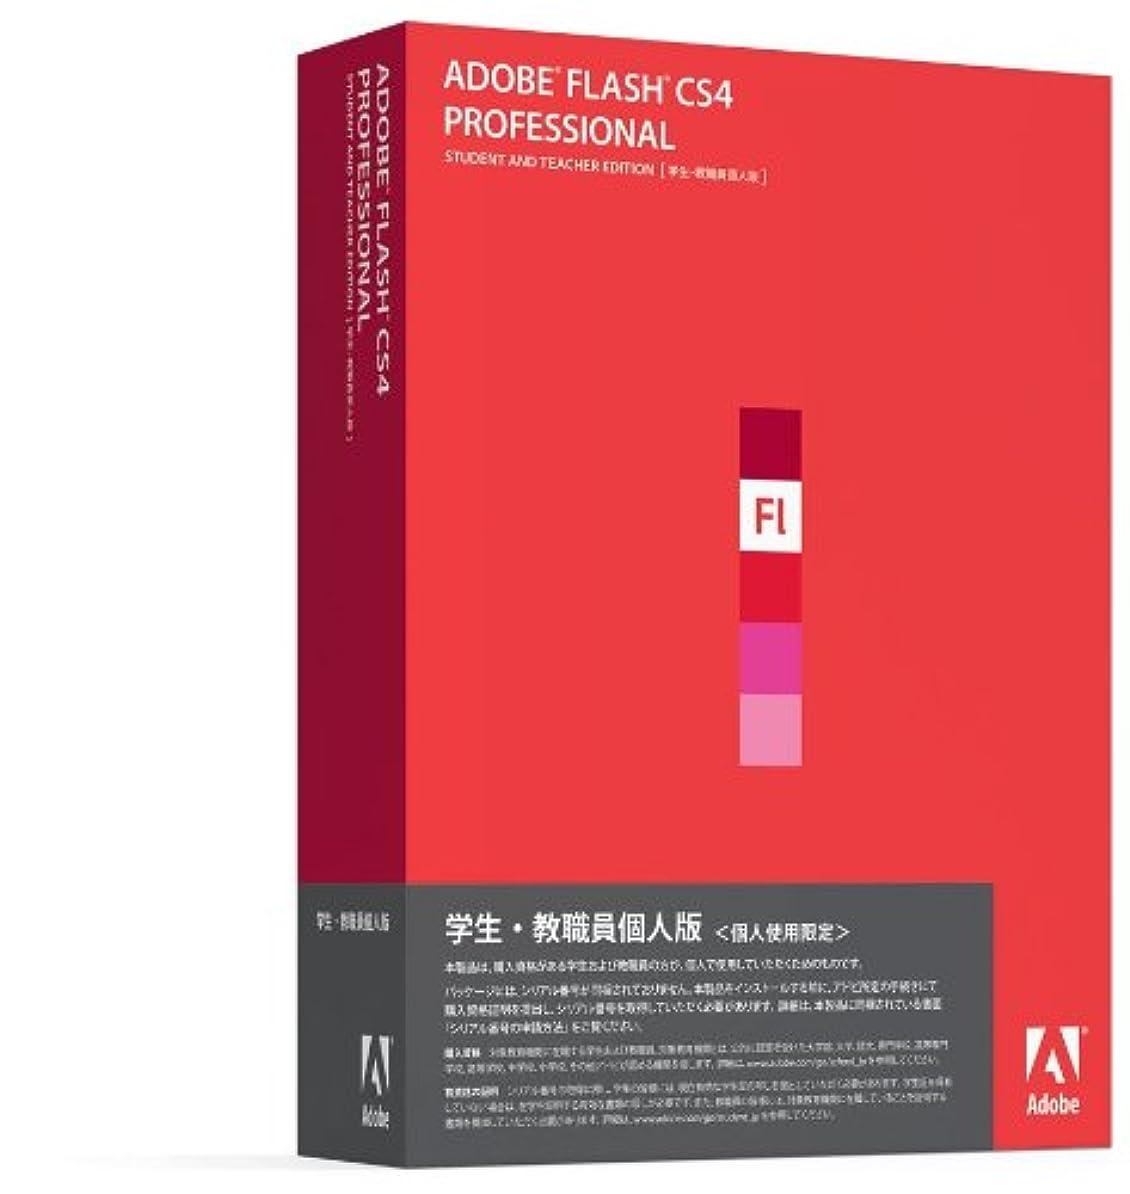 学生?教職員個人版 Adobe Flash Pro CS4 (V10.0) 日本語版 Windows版 (要シリアル番号申請)